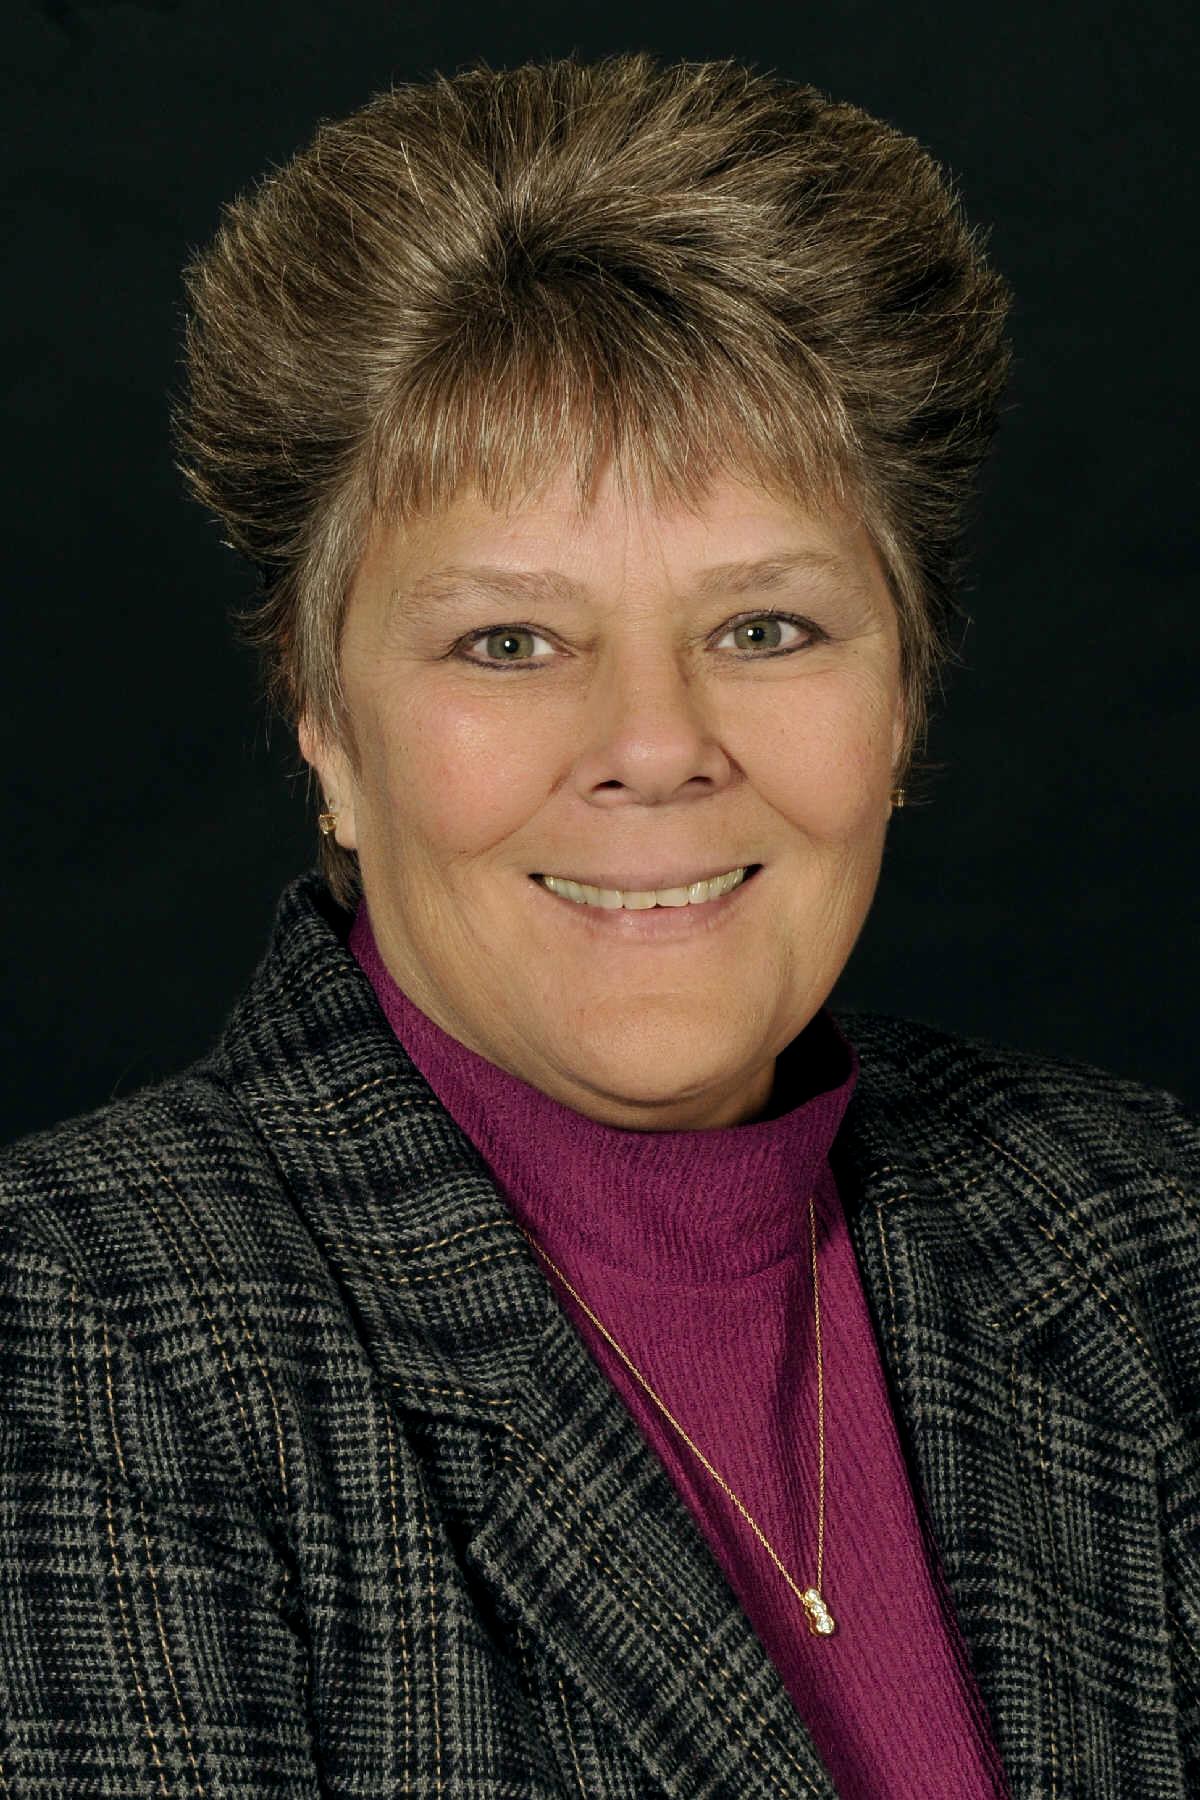 Judy McGaha